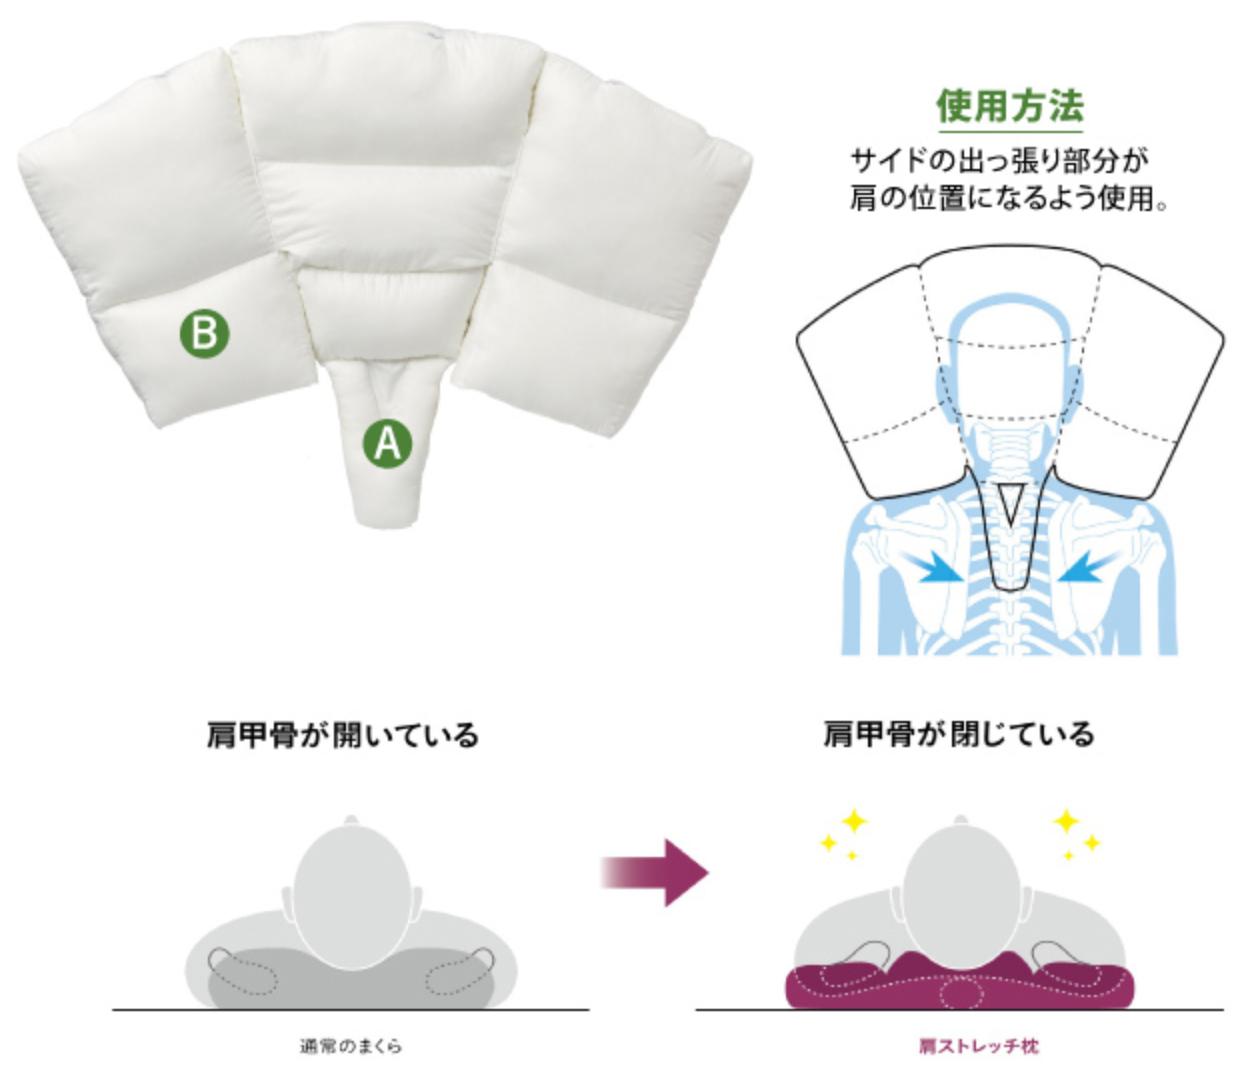 肩甲骨が閉じた状態にサポートできる肩ストレッチ枕